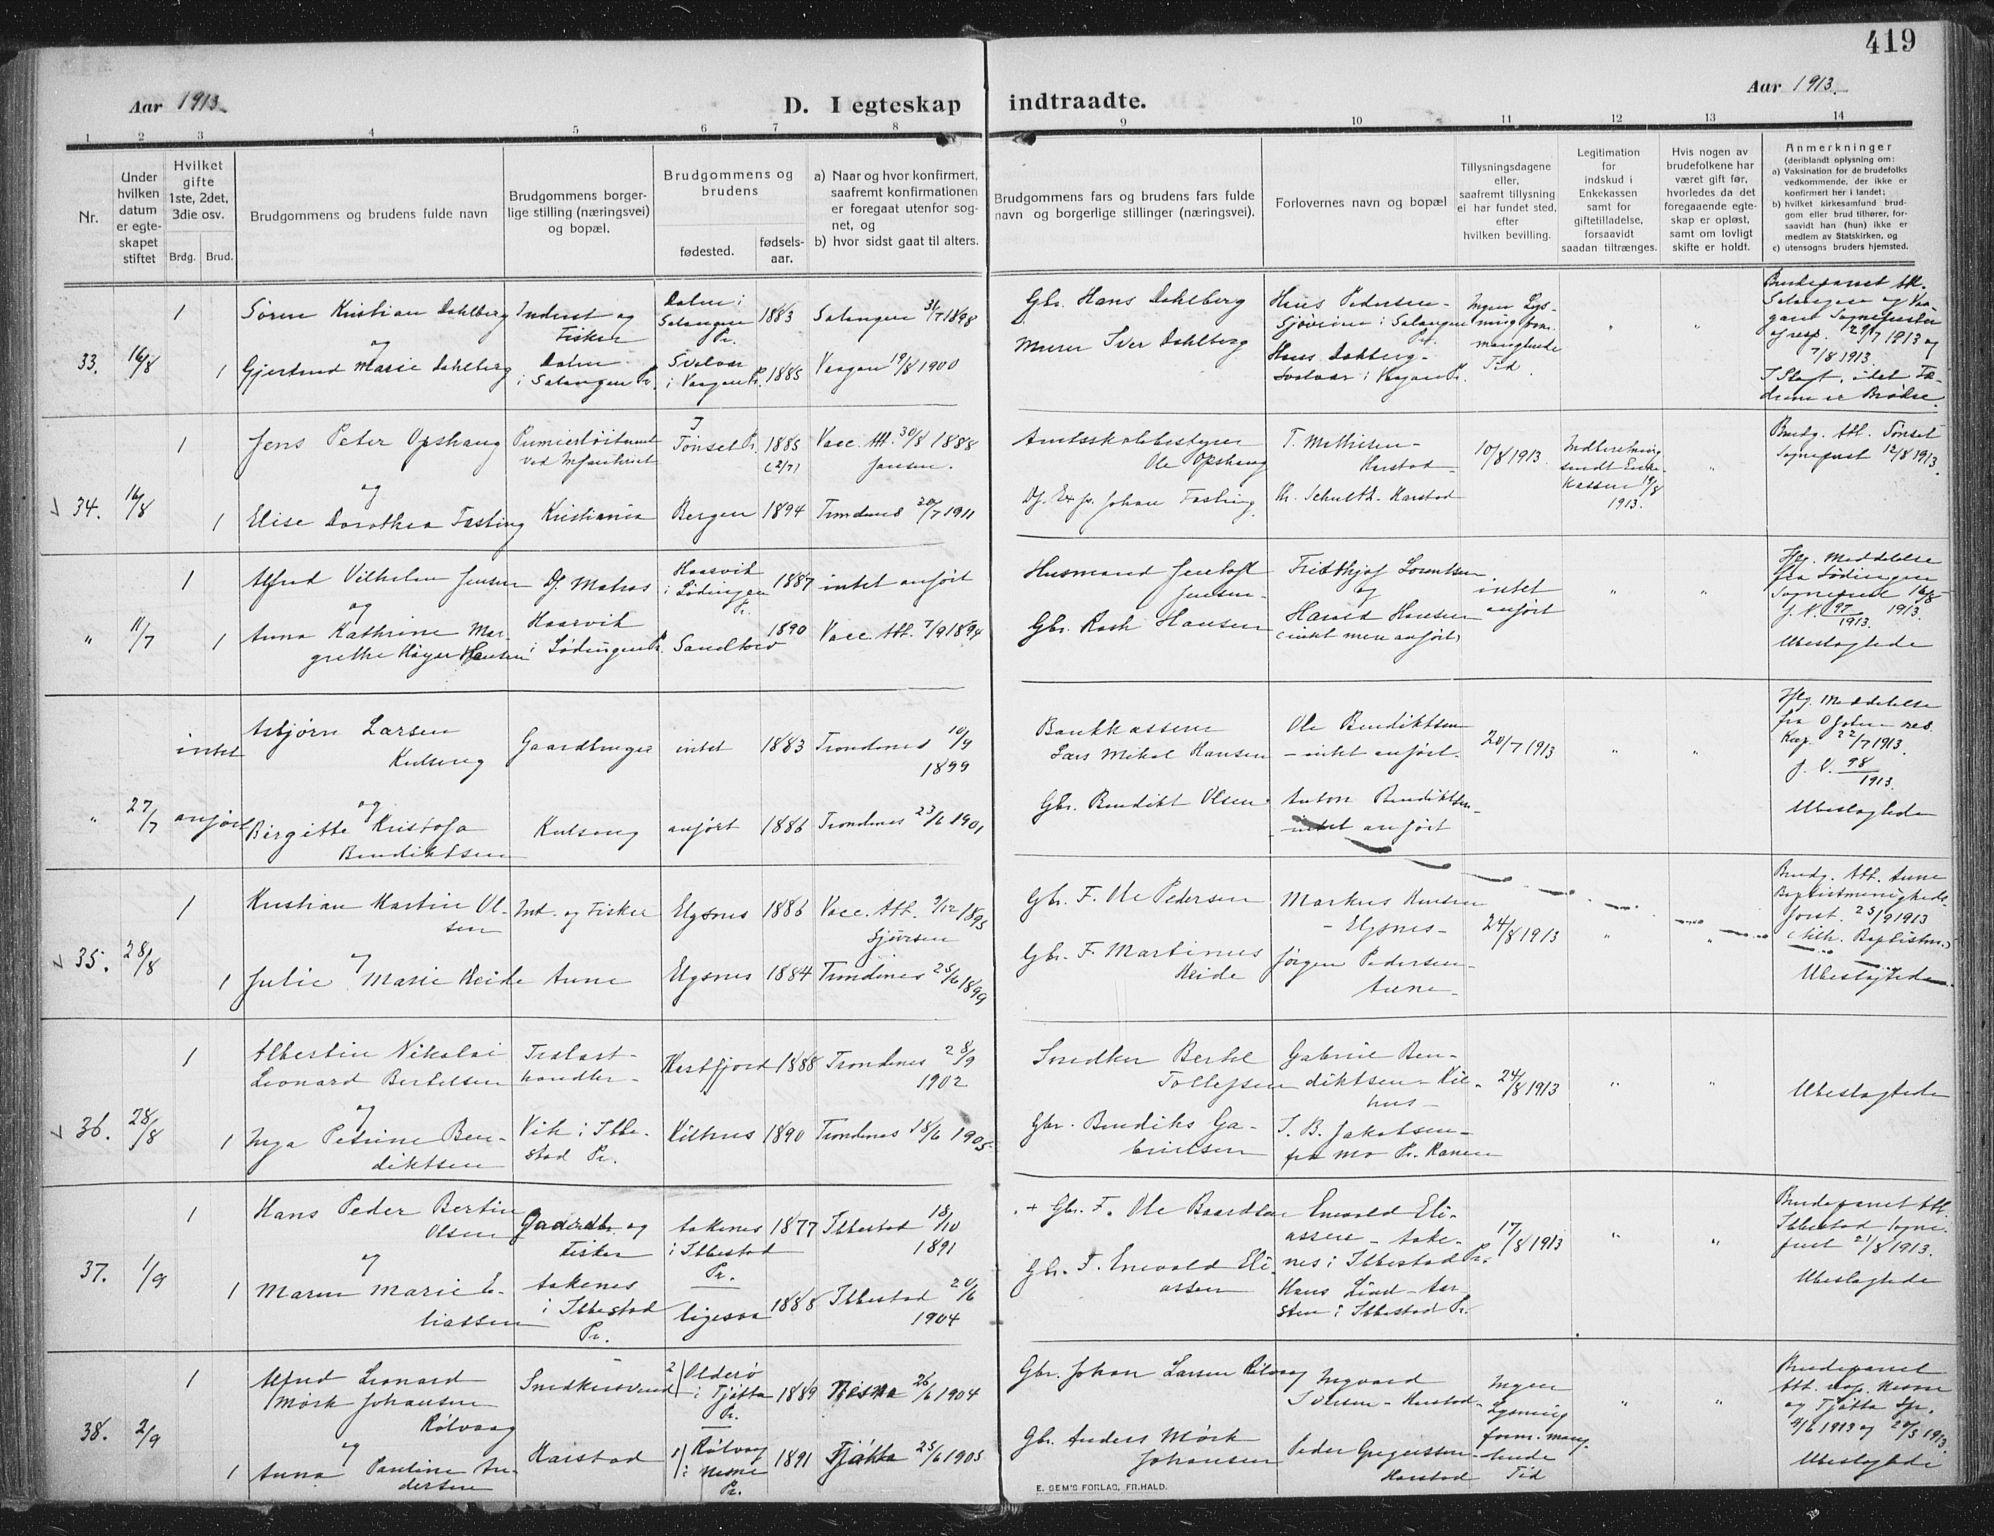 SATØ, Trondenes sokneprestkontor, H/Ha/L0018kirke: Ministerialbok nr. 18, 1909-1918, s. 419